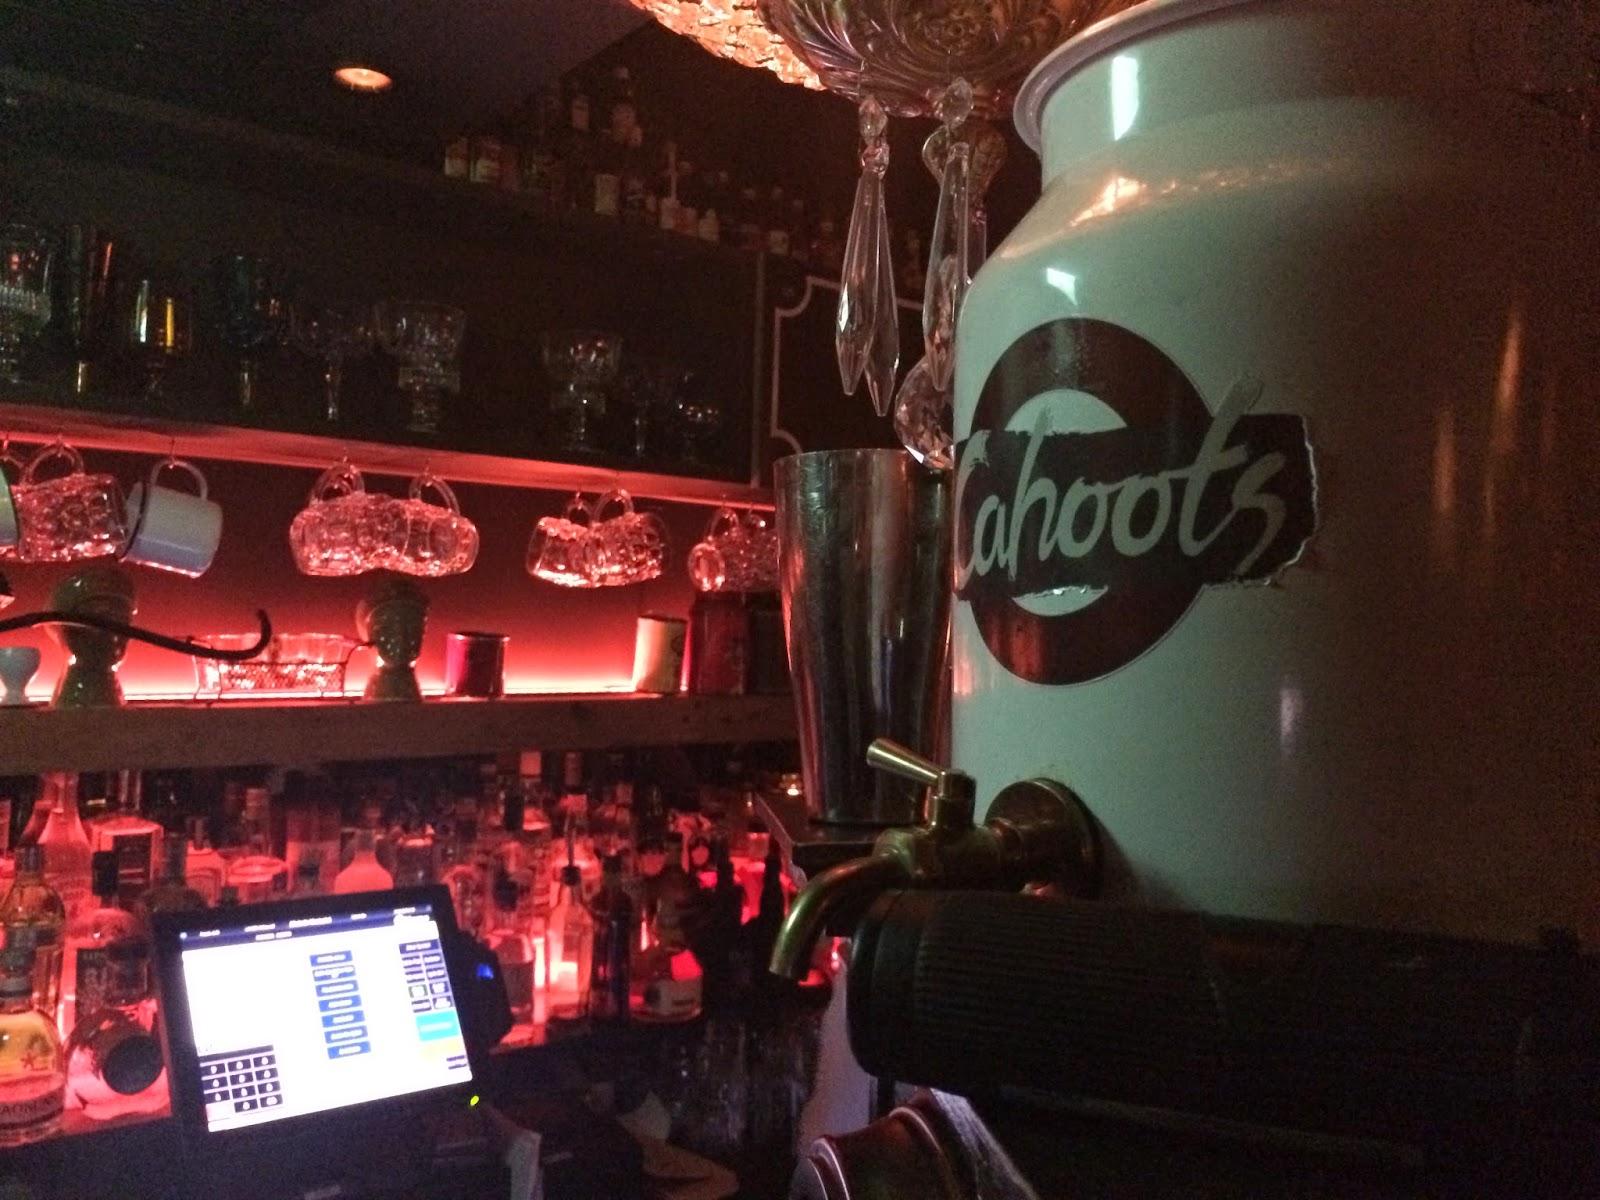 Cahoots - Secret Underground bar